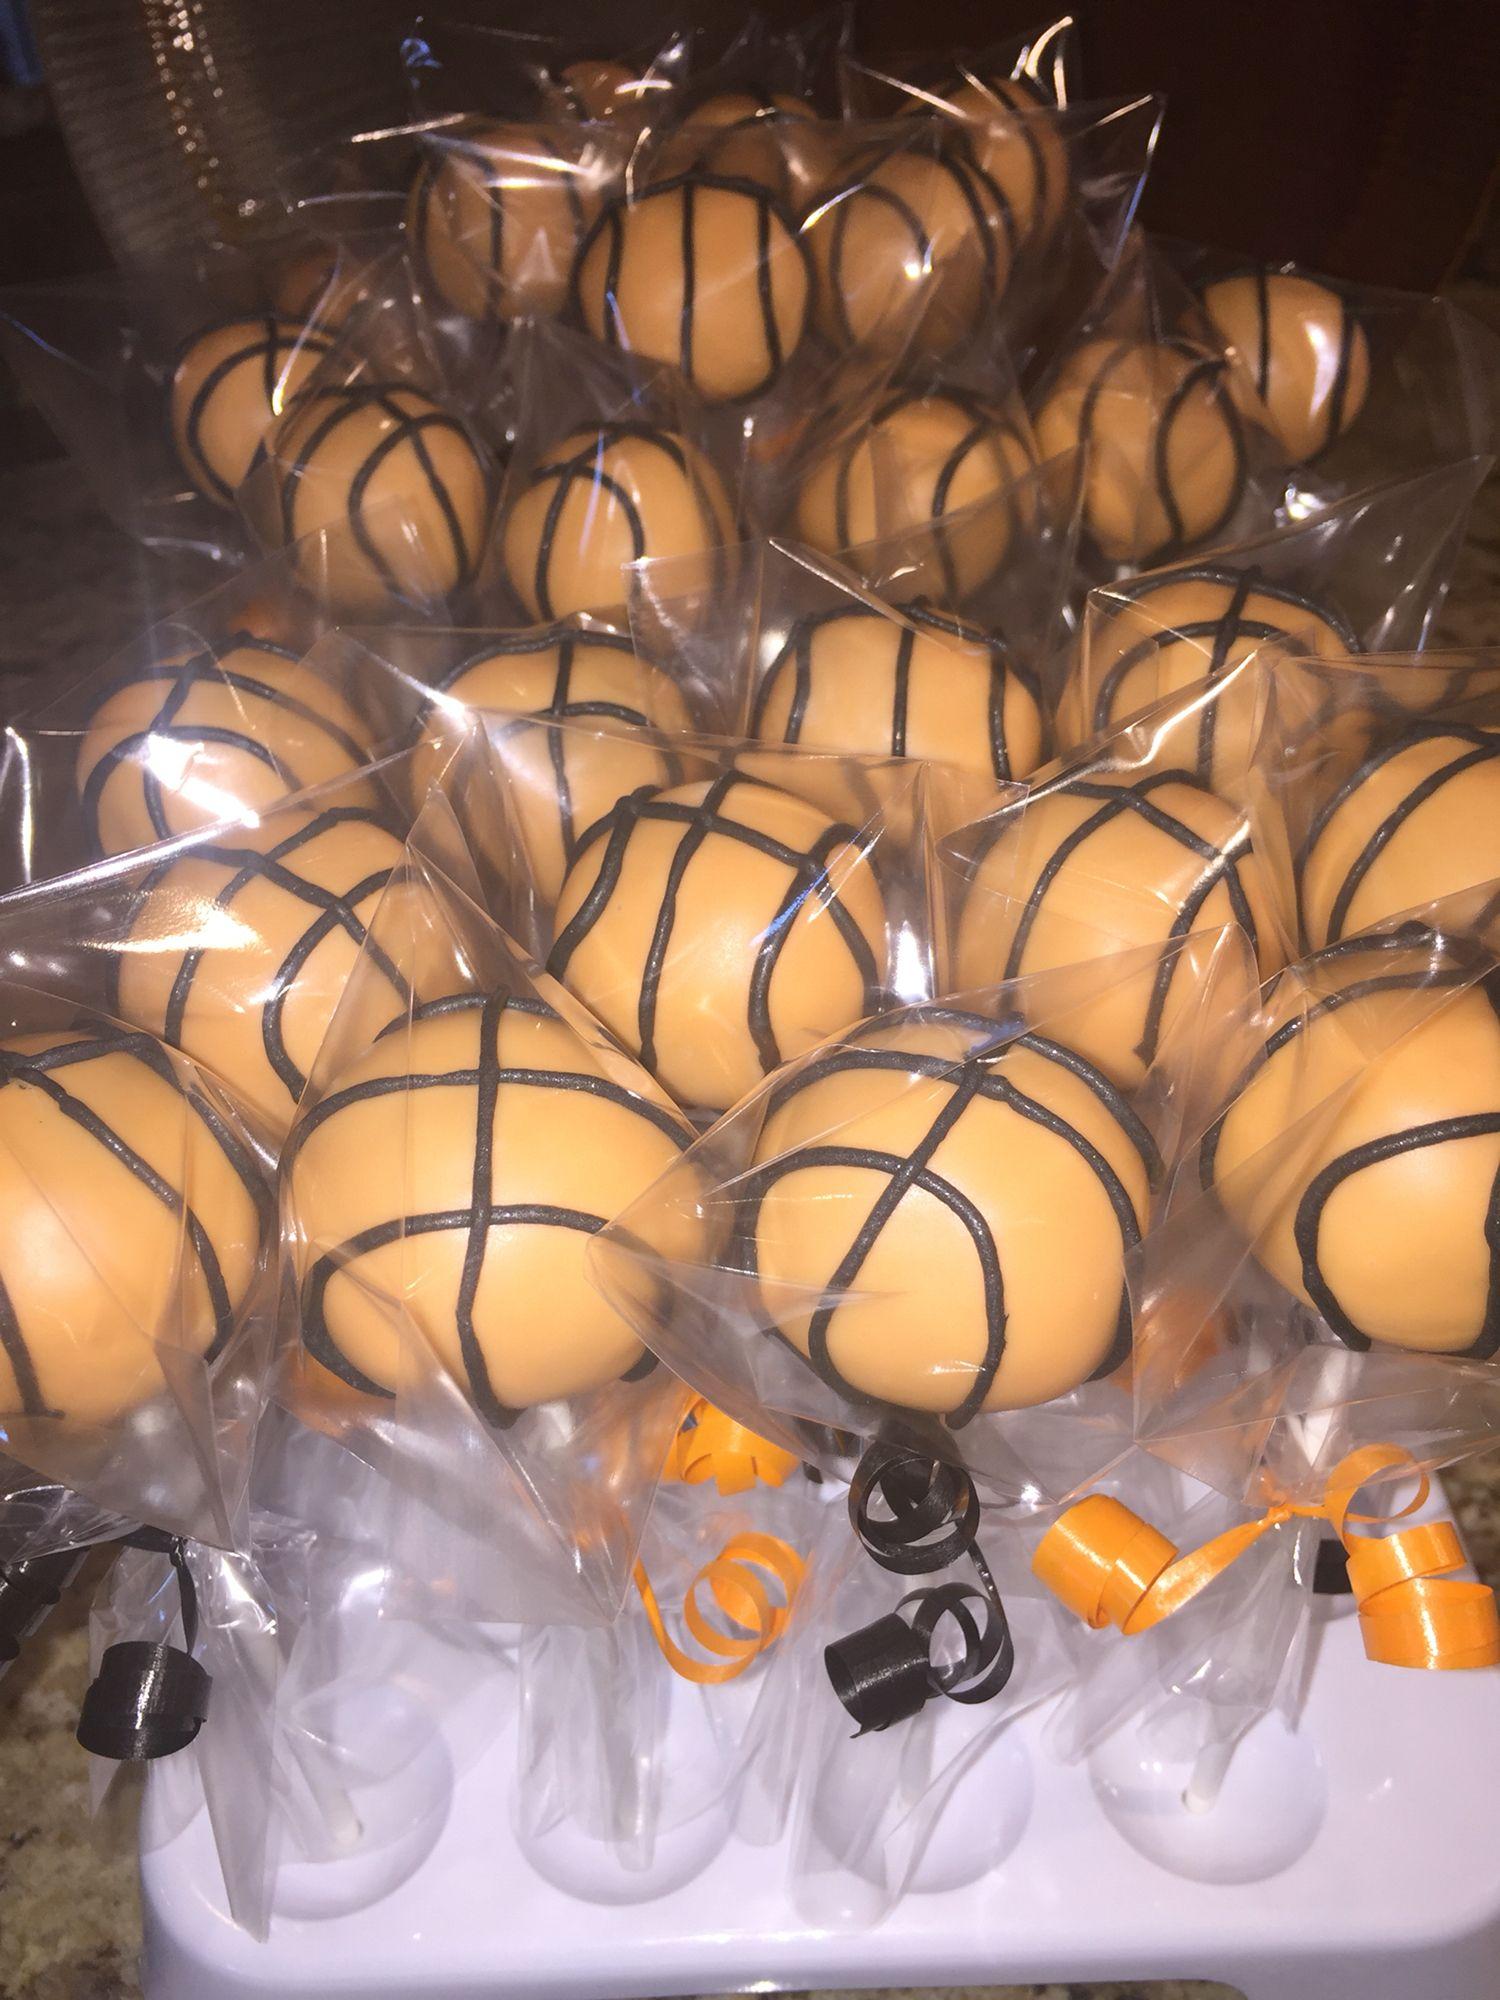 Basketball Cake Pops www.facebook.com/FriscoCakePopShop  www.instagram.com/FriscoCakePopShop  www.FriscoCakePopShop.com